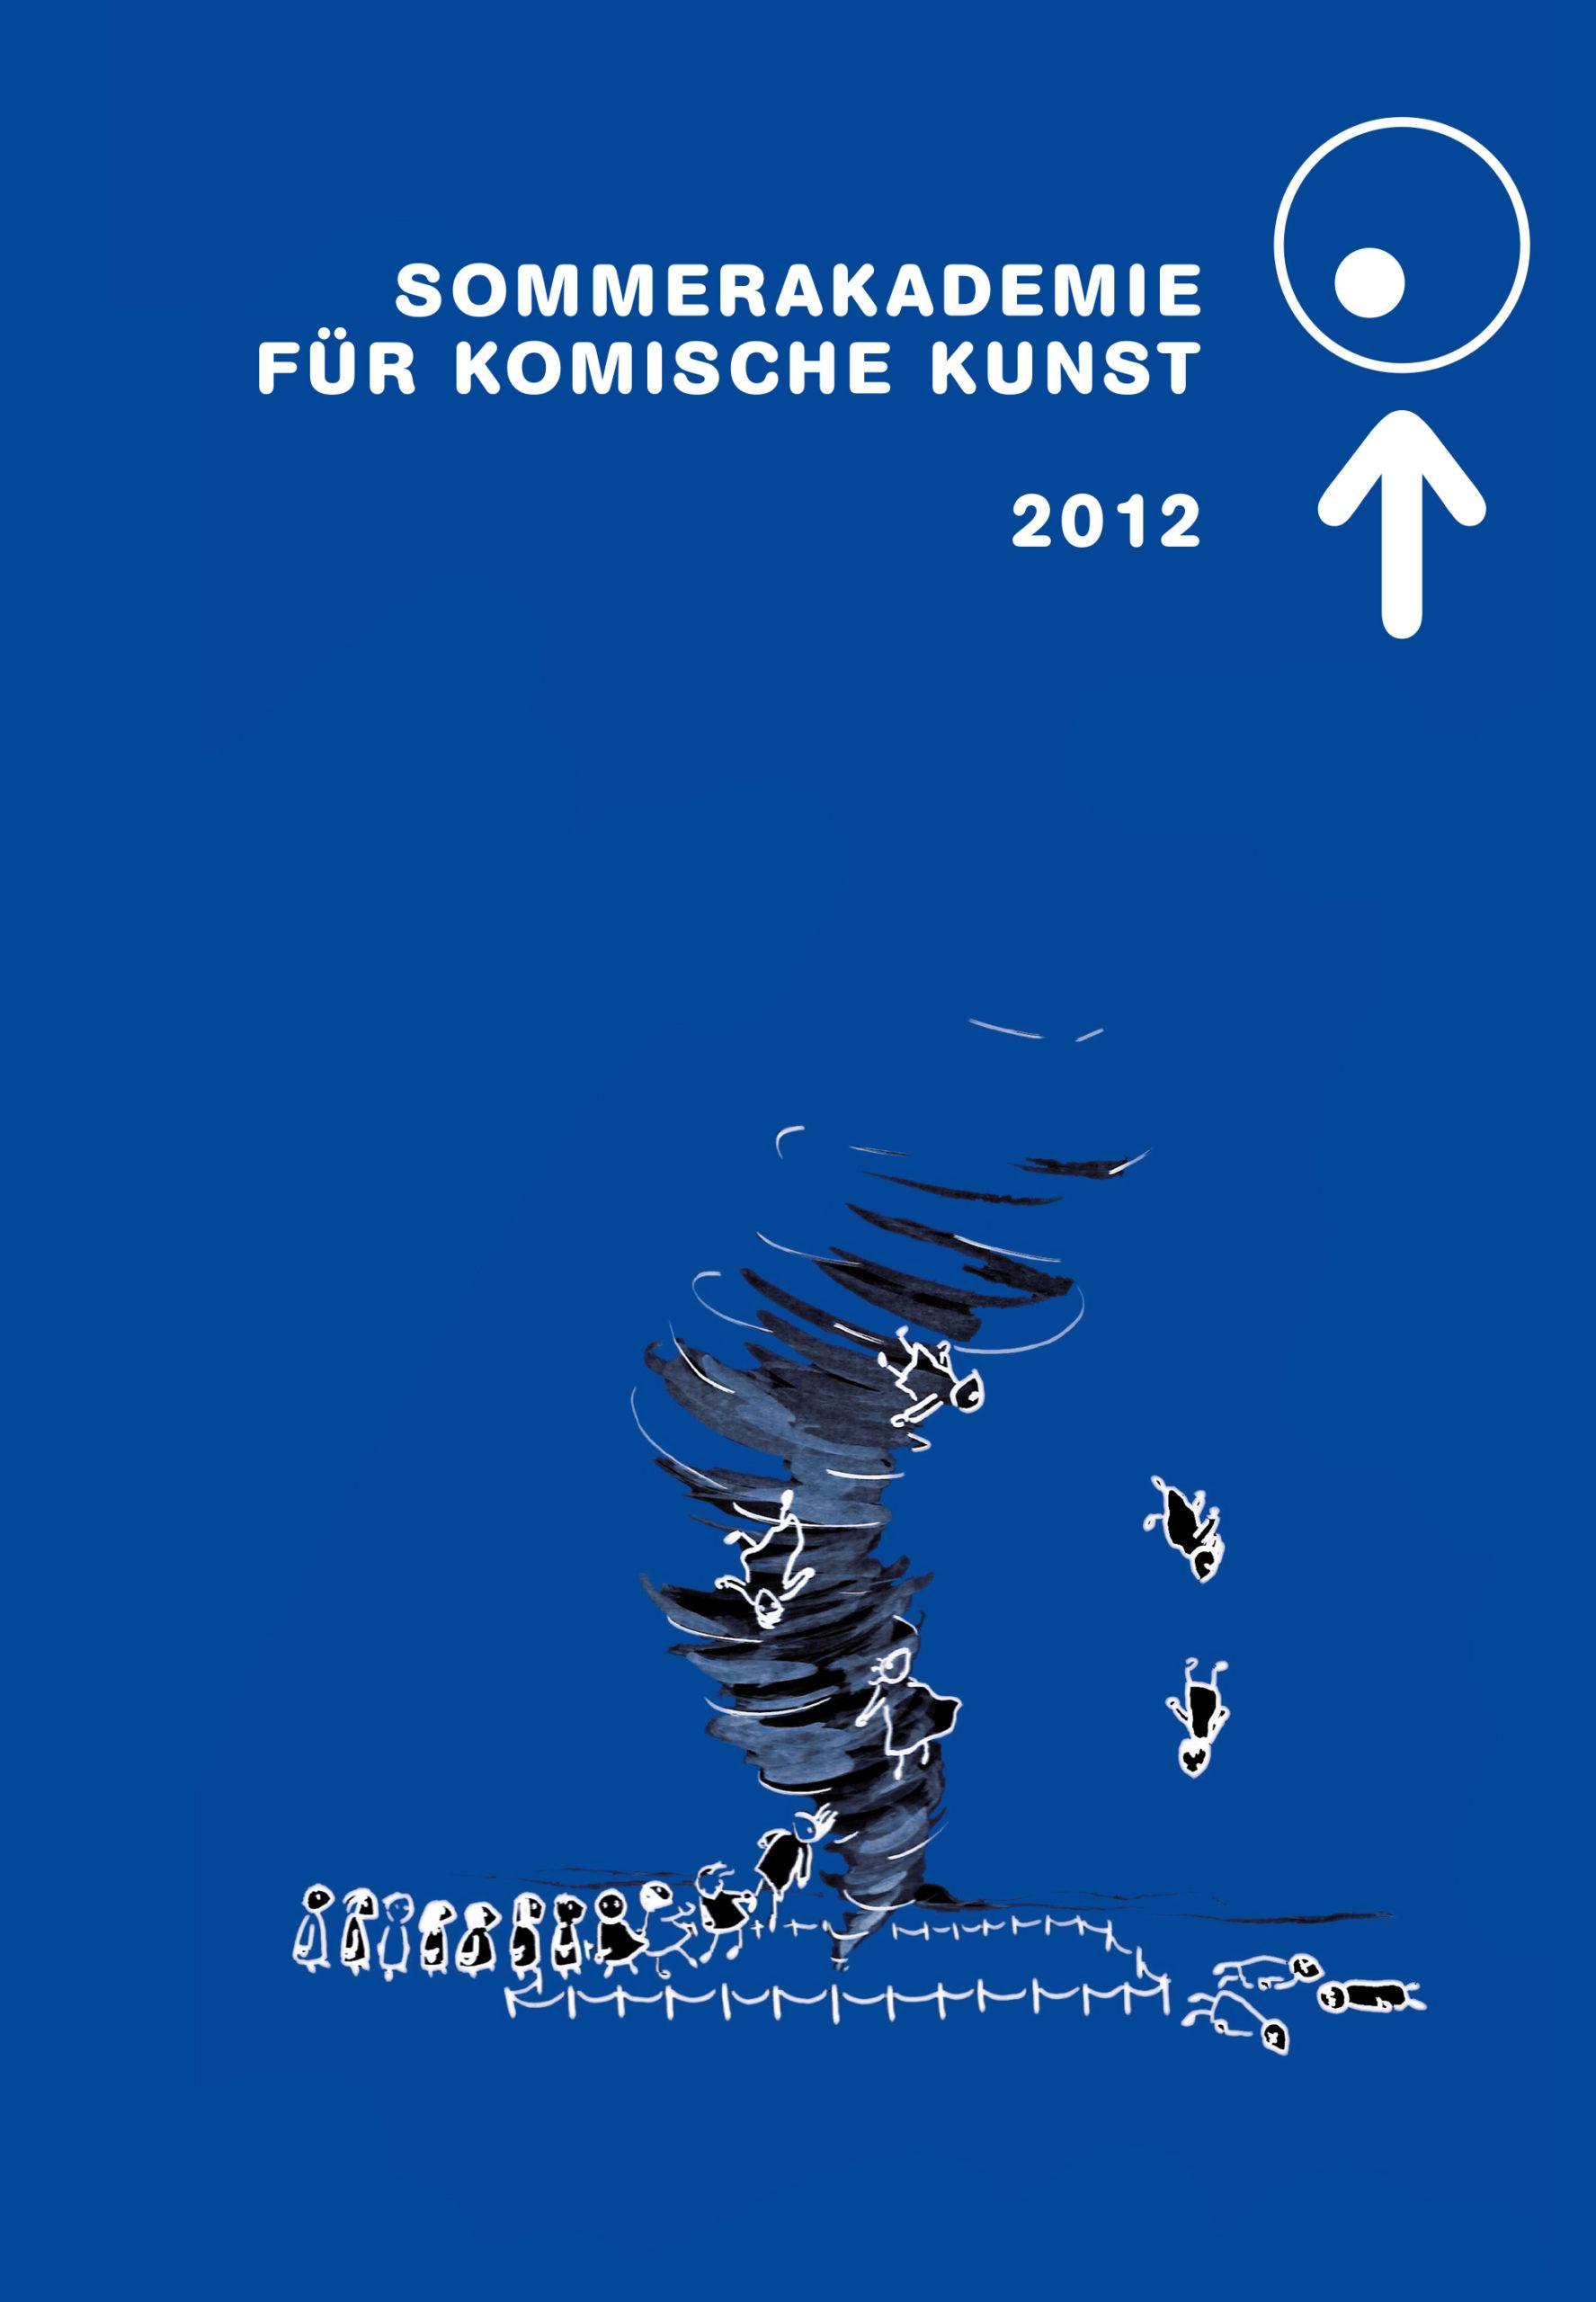 Katalog zur Sommerakademie für Komische Kunst 2012